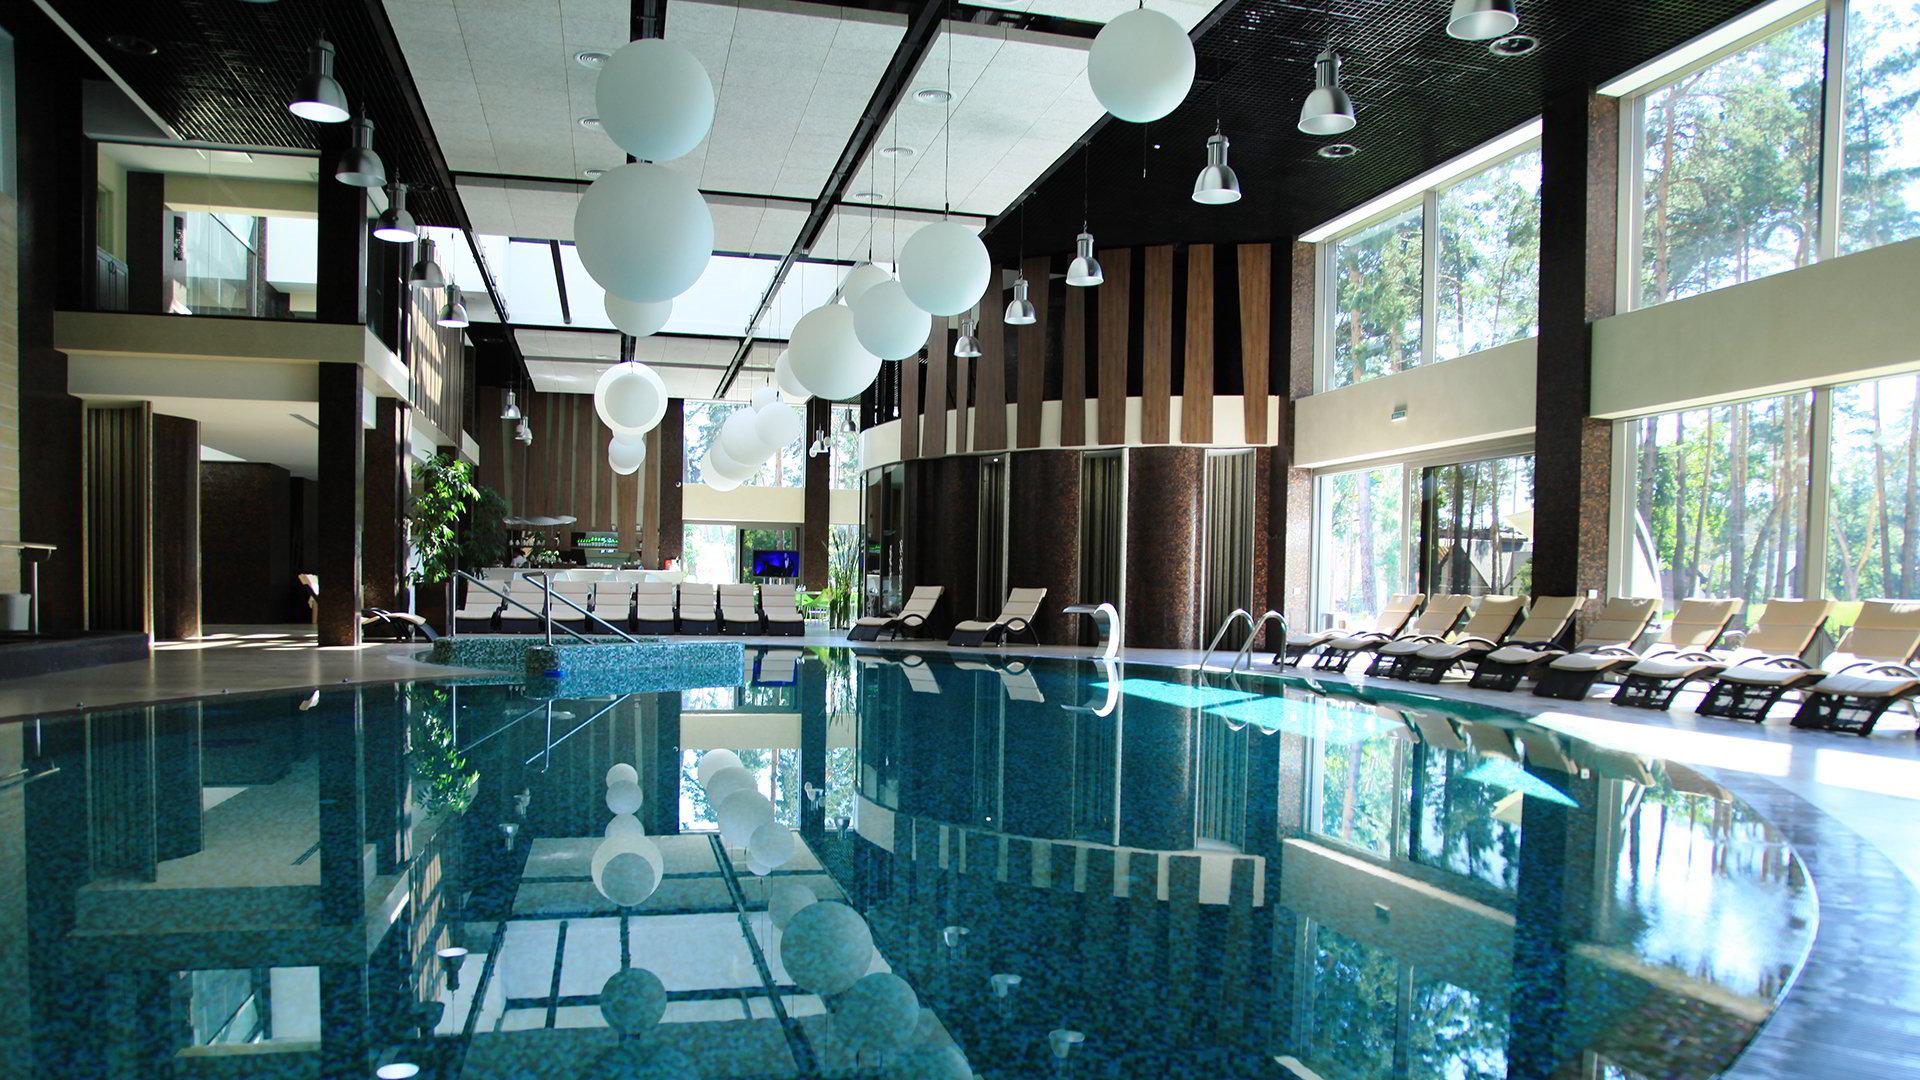 топ лучших загородных комплексов под Киевом Grand admiral resort & spa